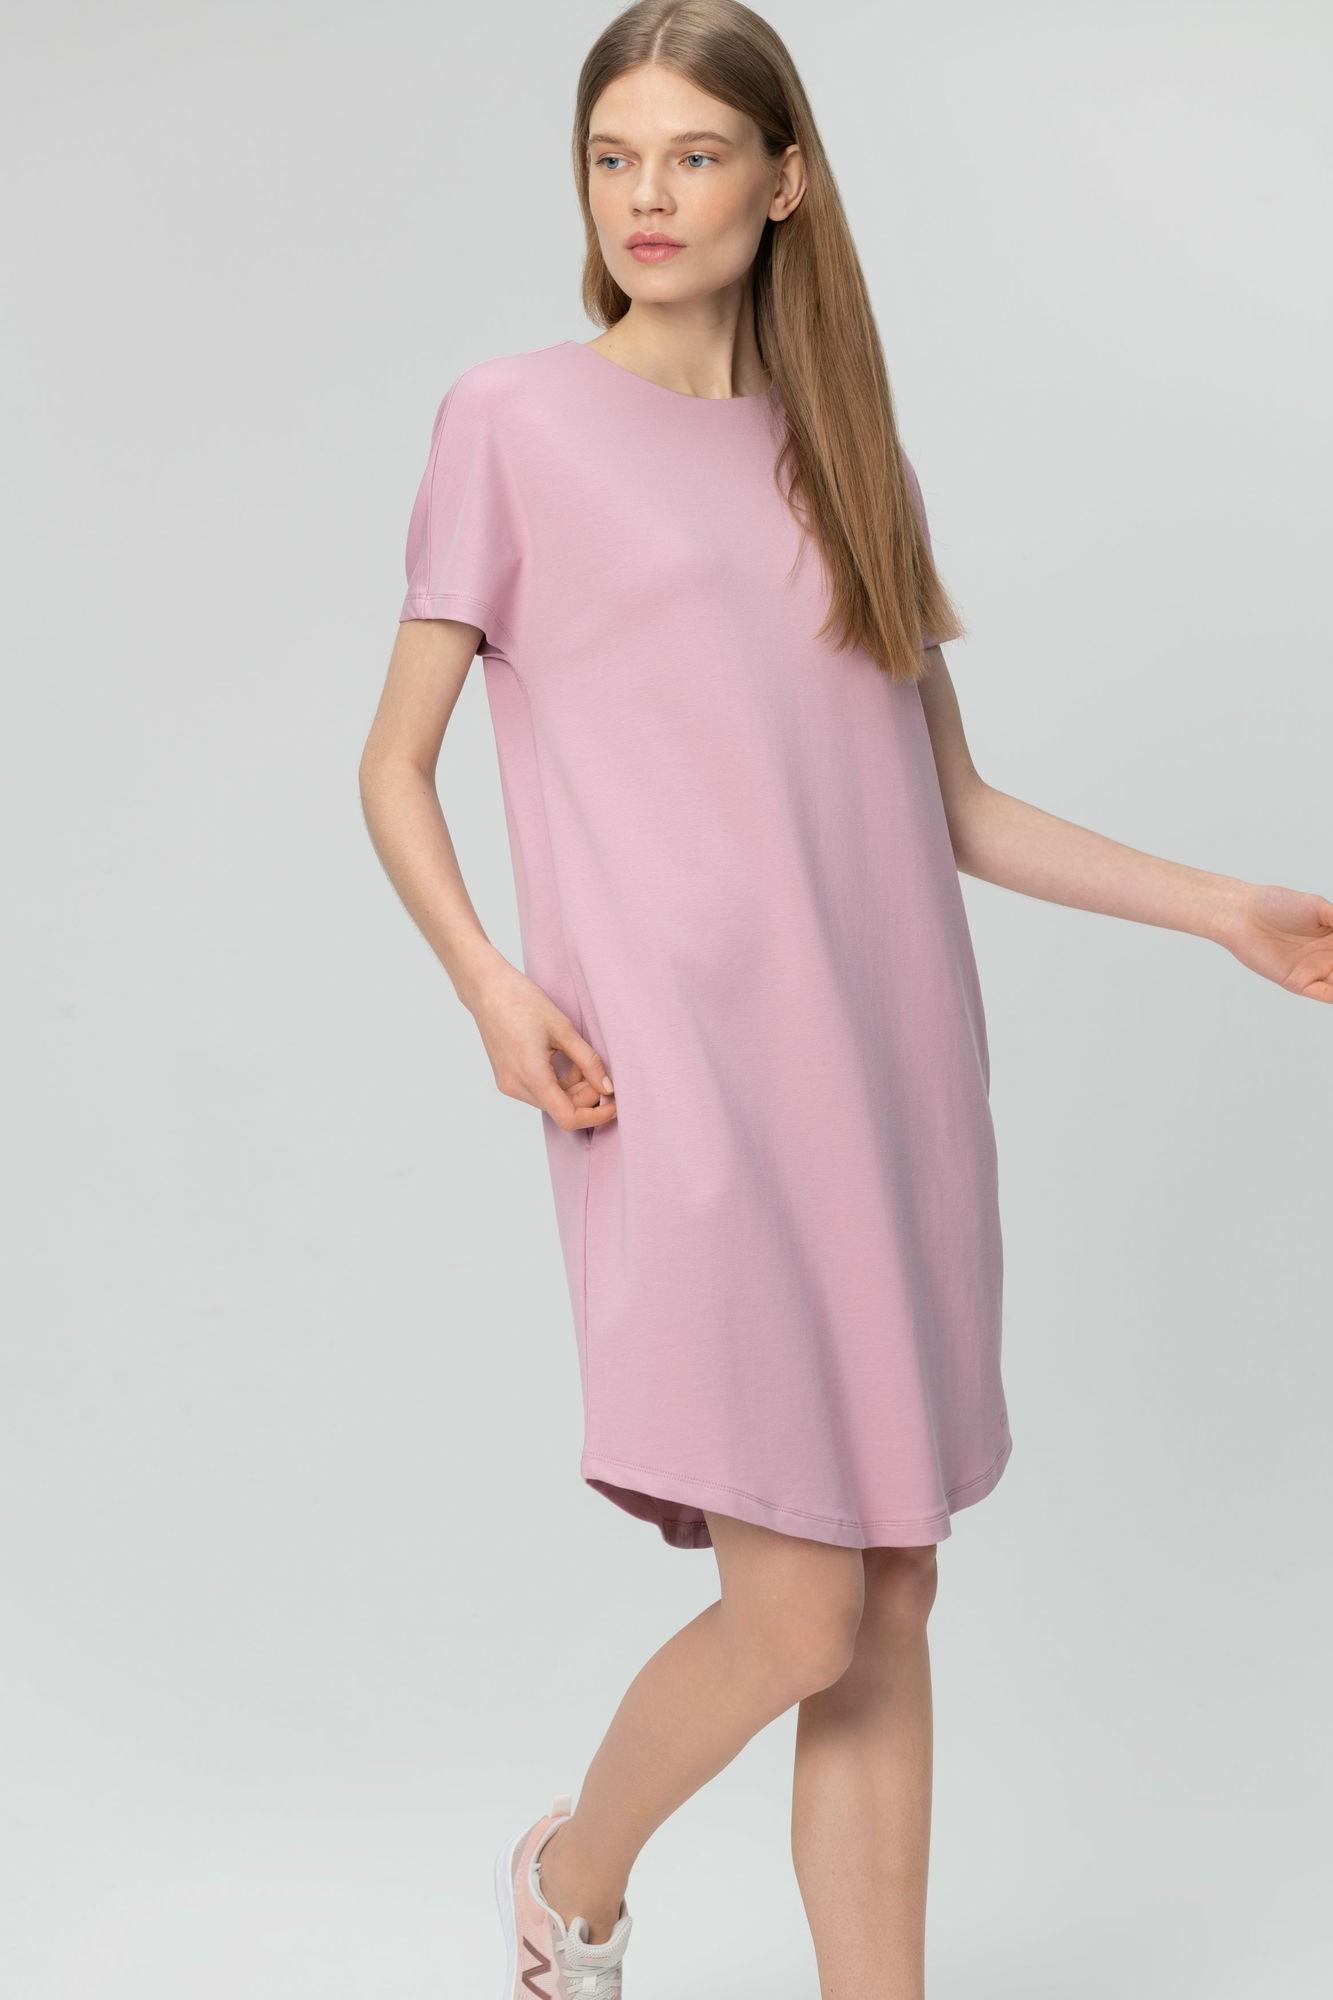 AUDIMAS Švelnaus modalo suknelė 2011-104 Mauve Shadows L